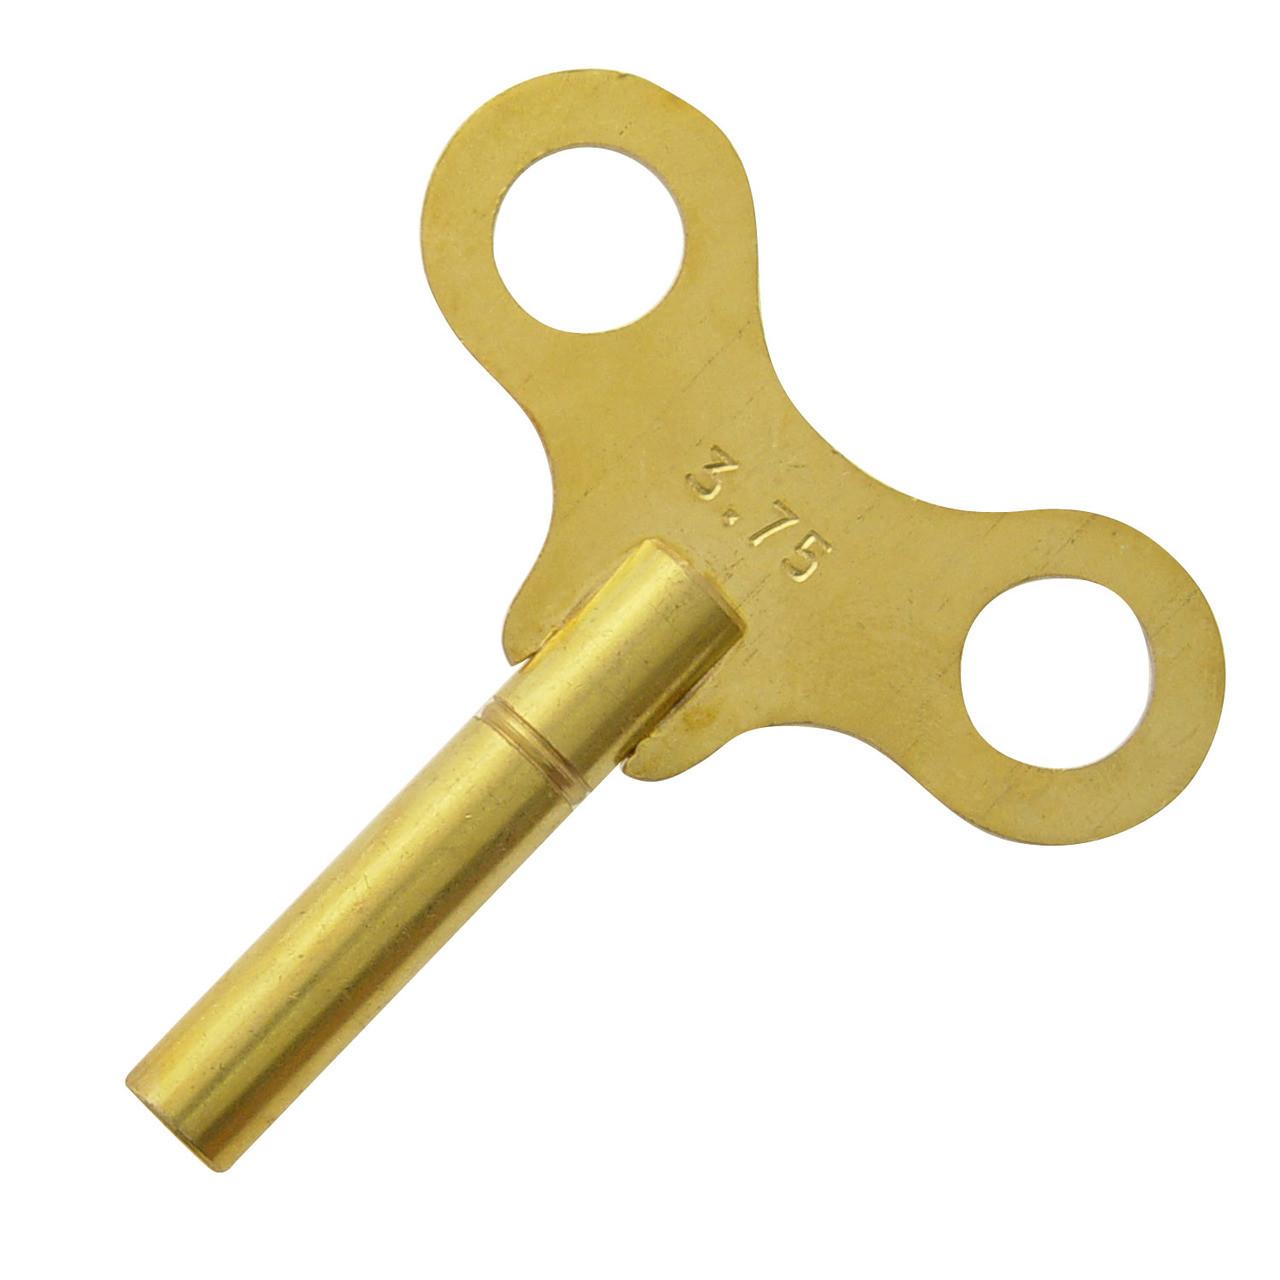 brassclock key size 1.50mm